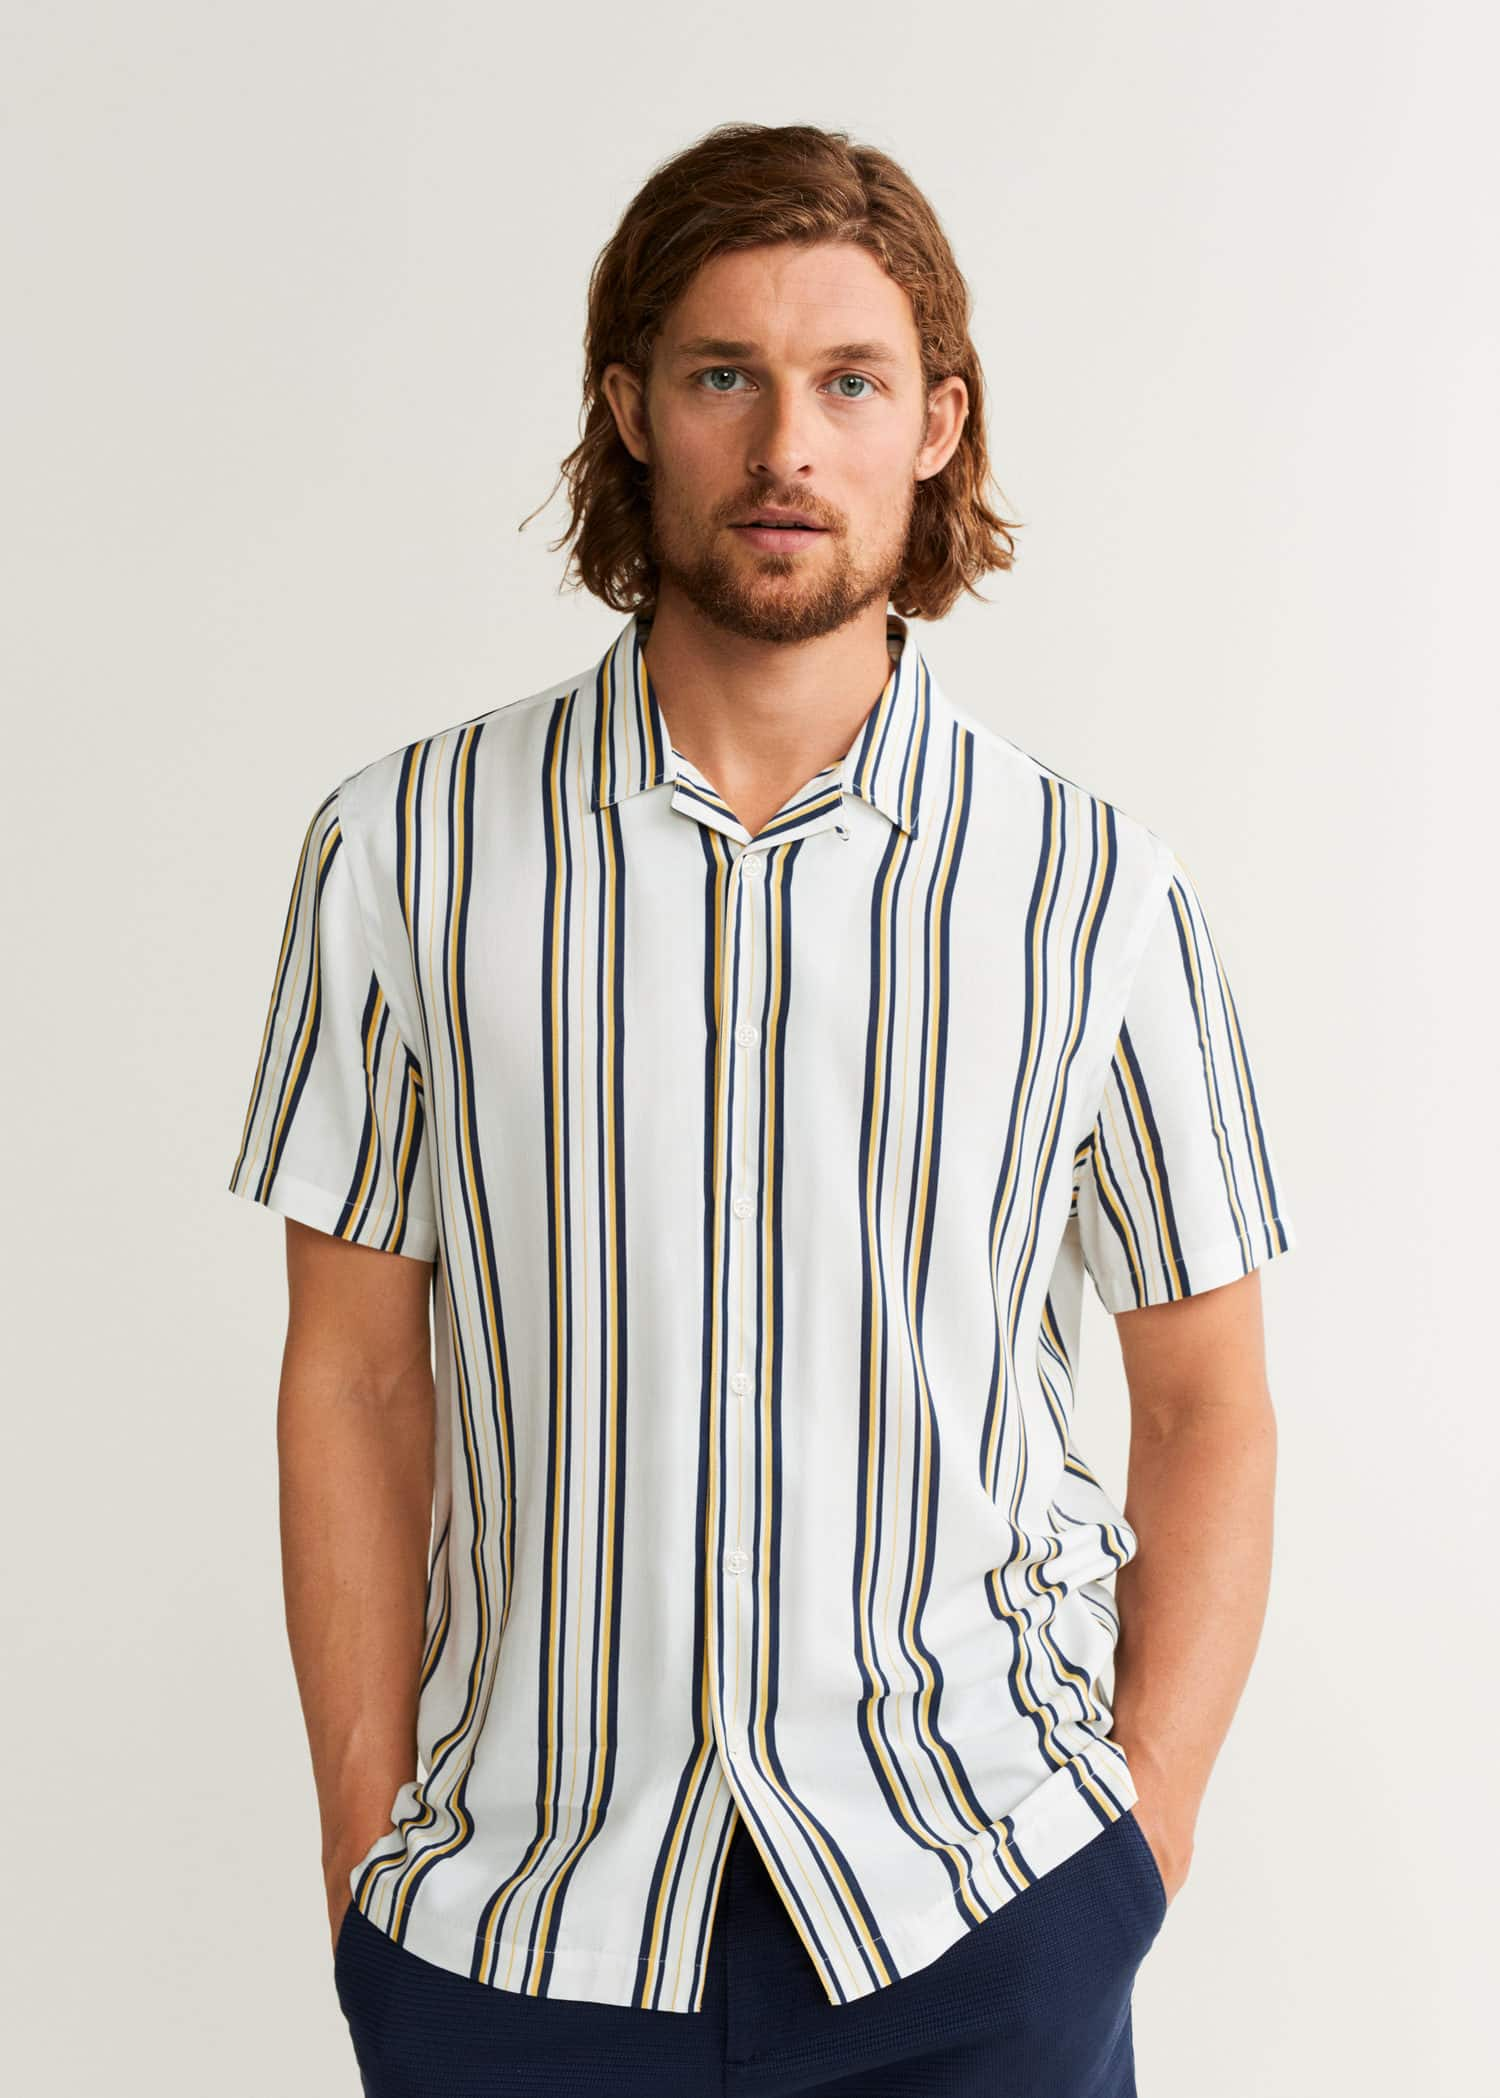 2019mango España Man K153ftlcuj Camisas De Hombre b7Y6gyfv